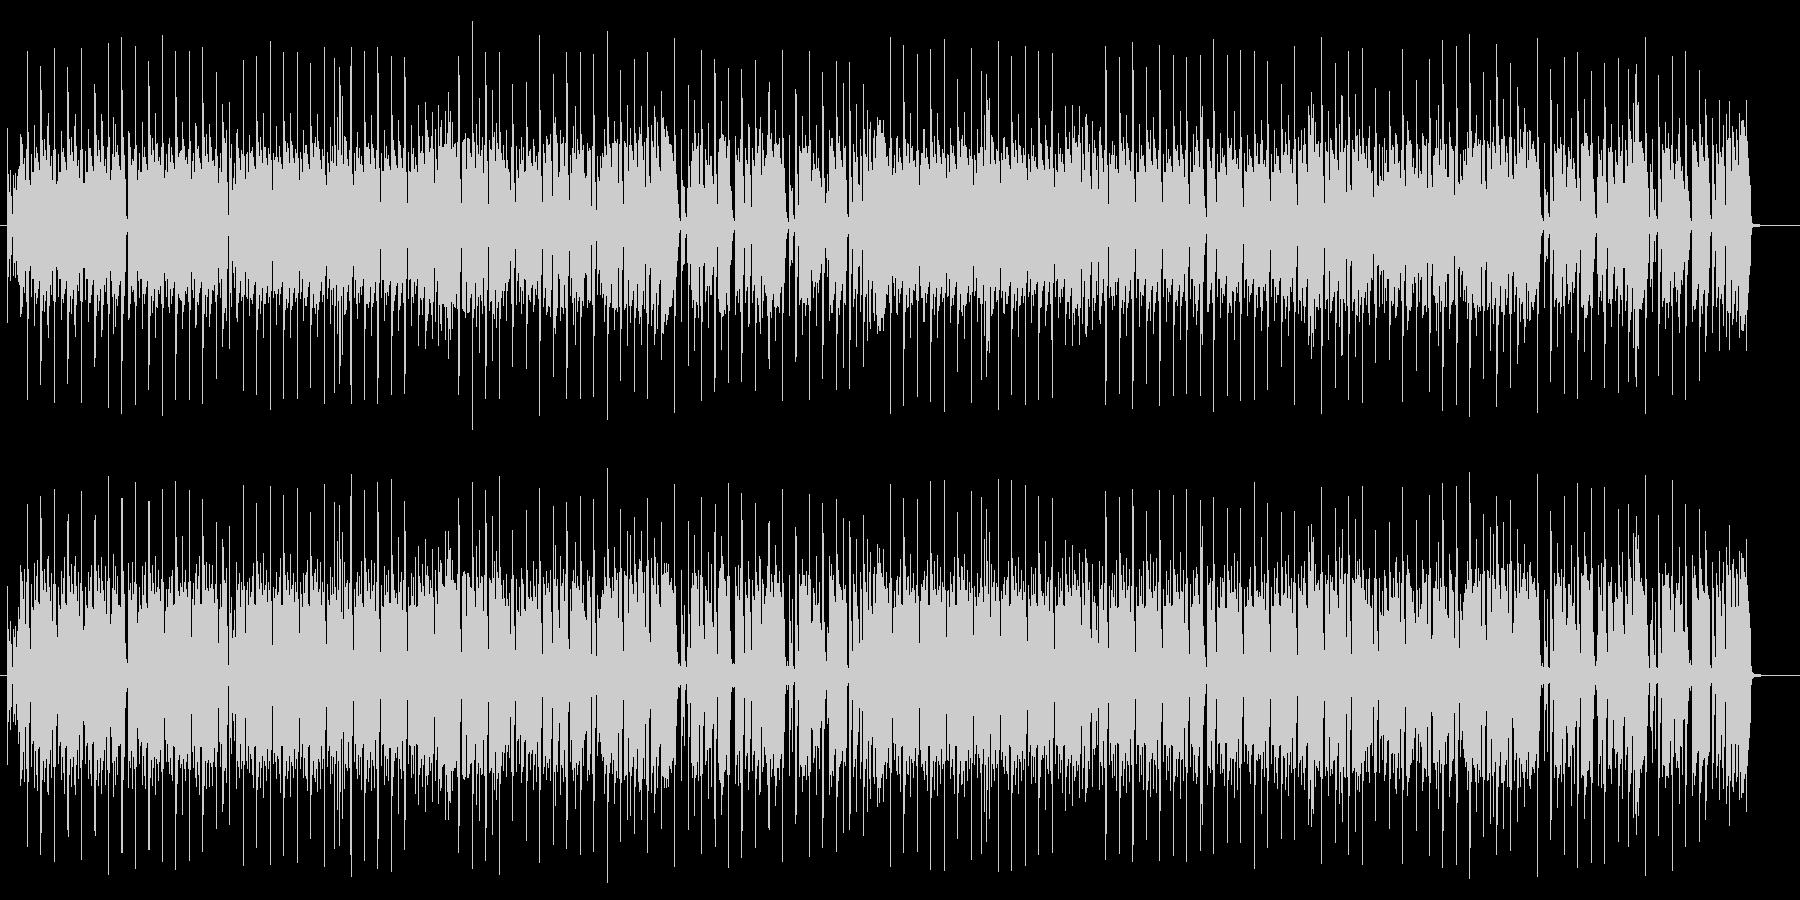 ドラムの重低音が効いた4つ打ちの曲の未再生の波形